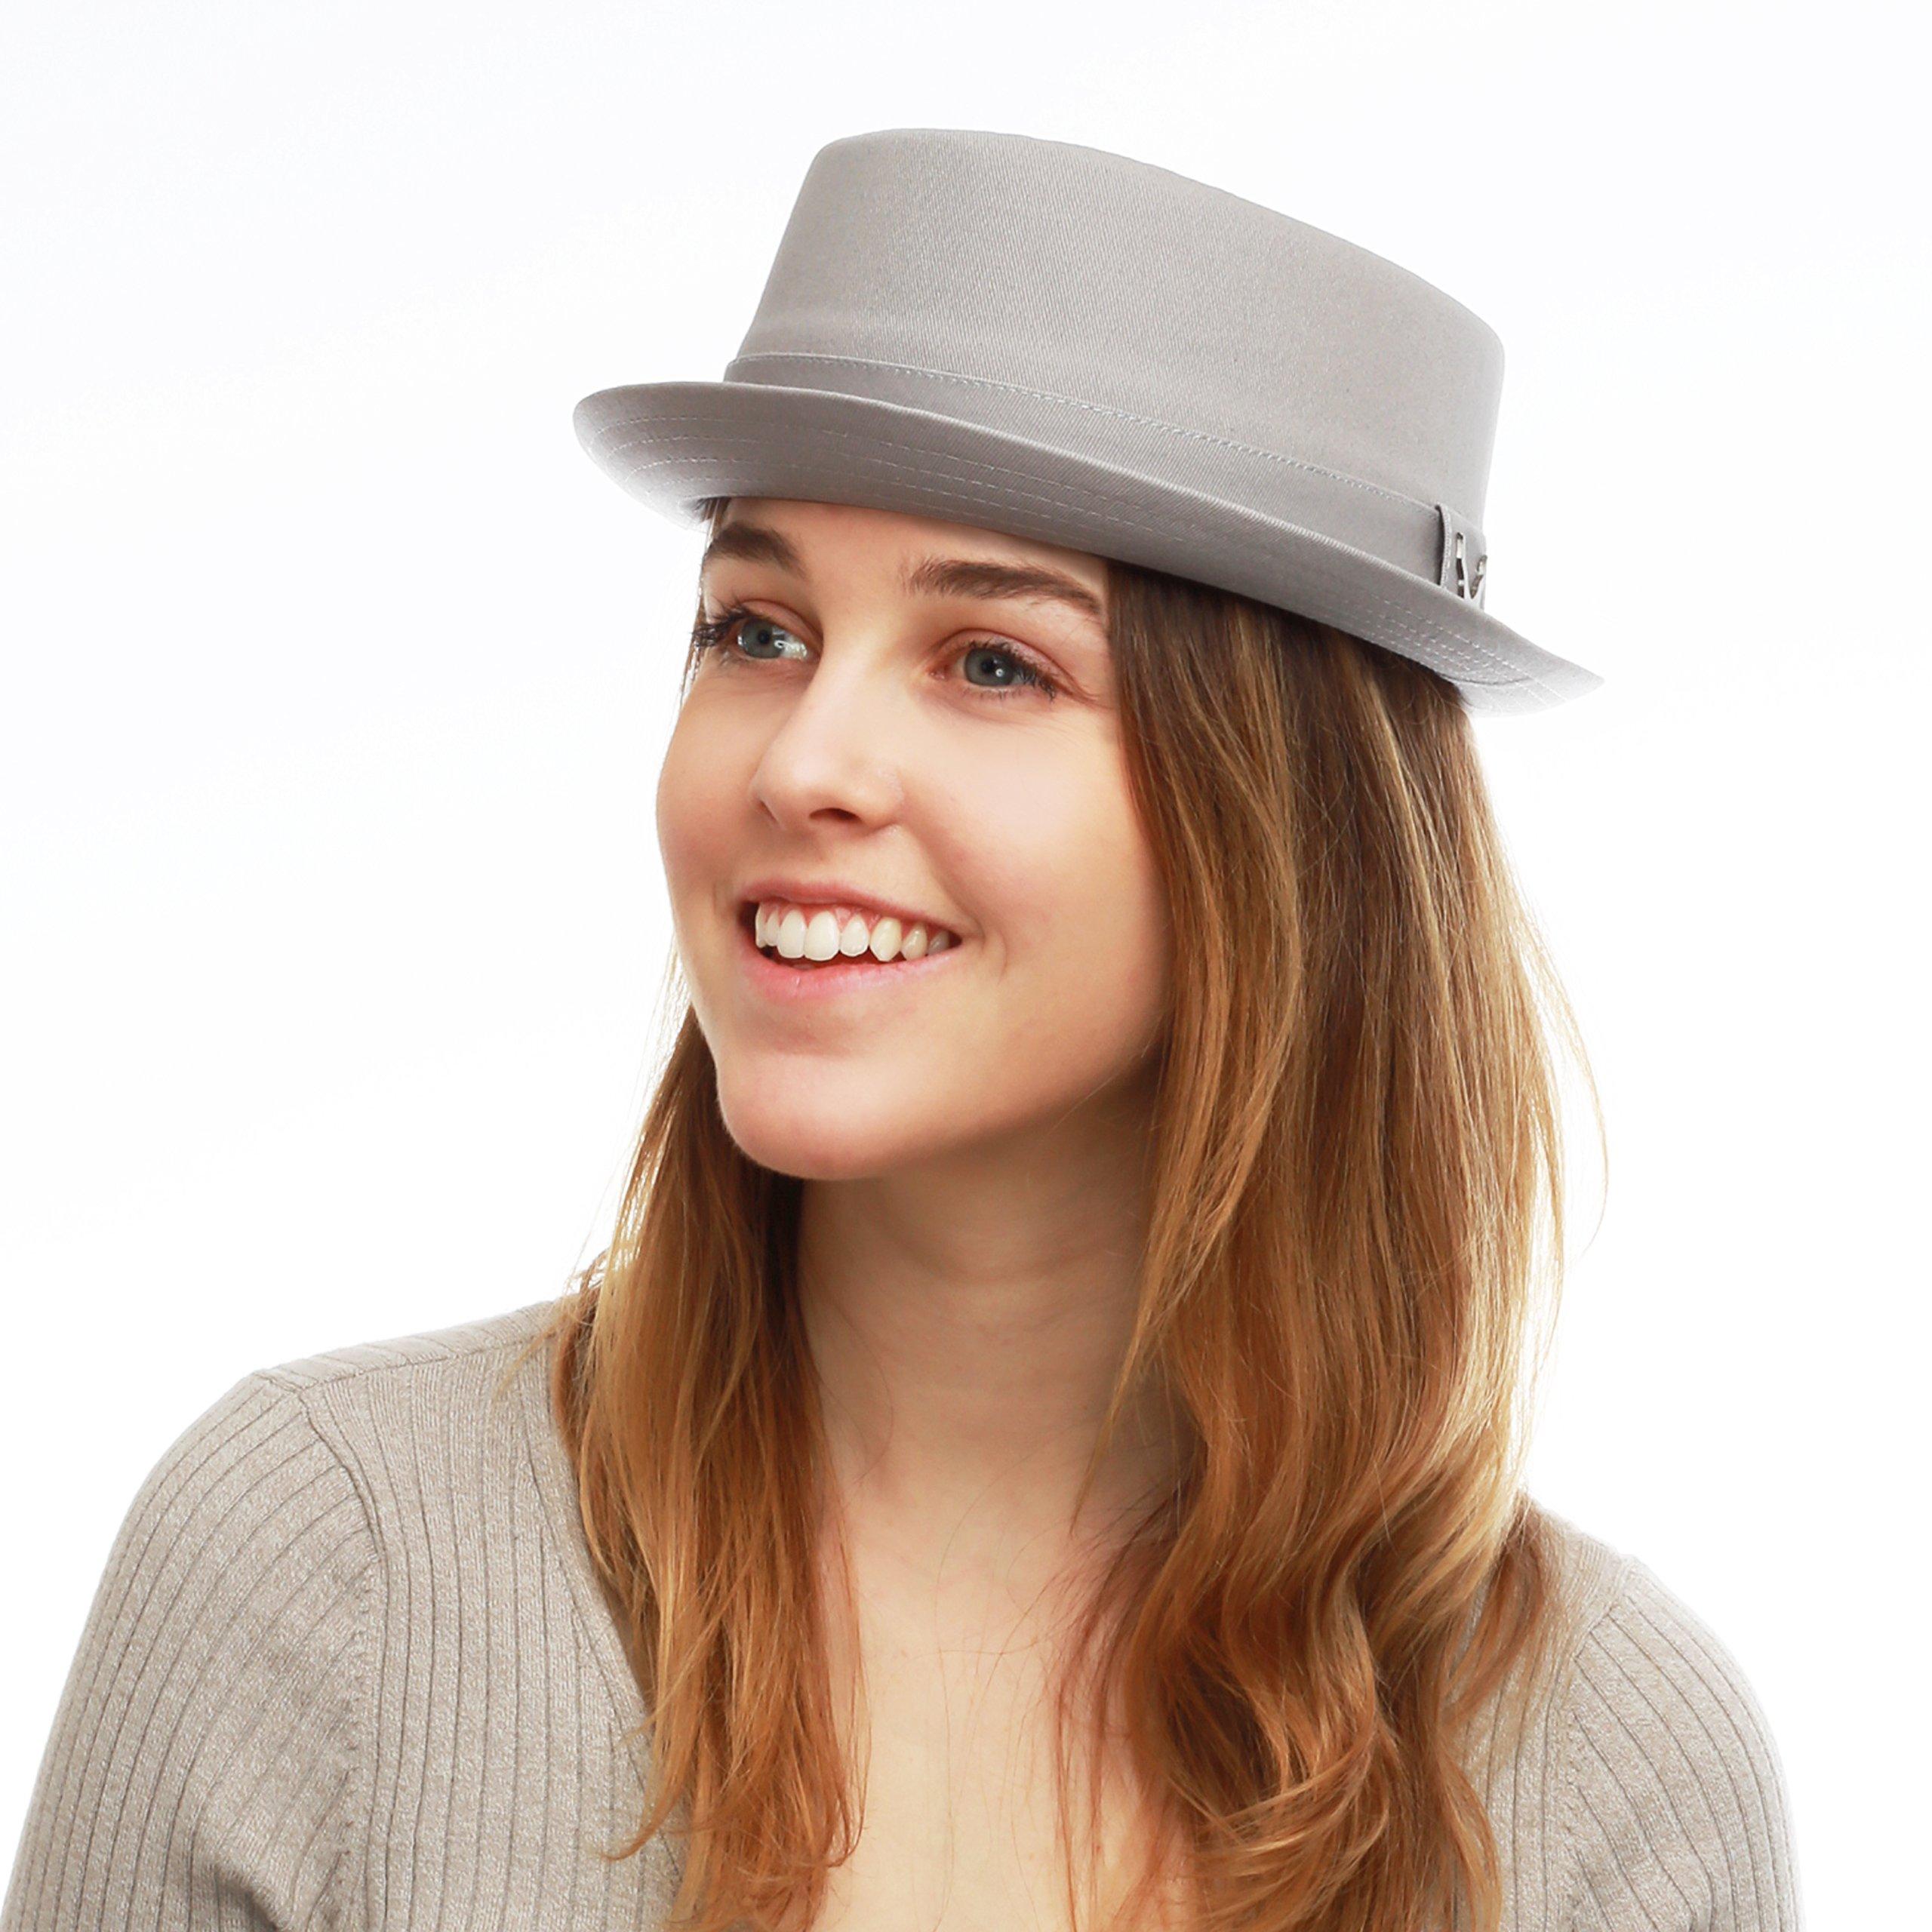 THE HAT DEPOT Black Horn Cotton Plain Pork Pie Hat (Large, Grey)